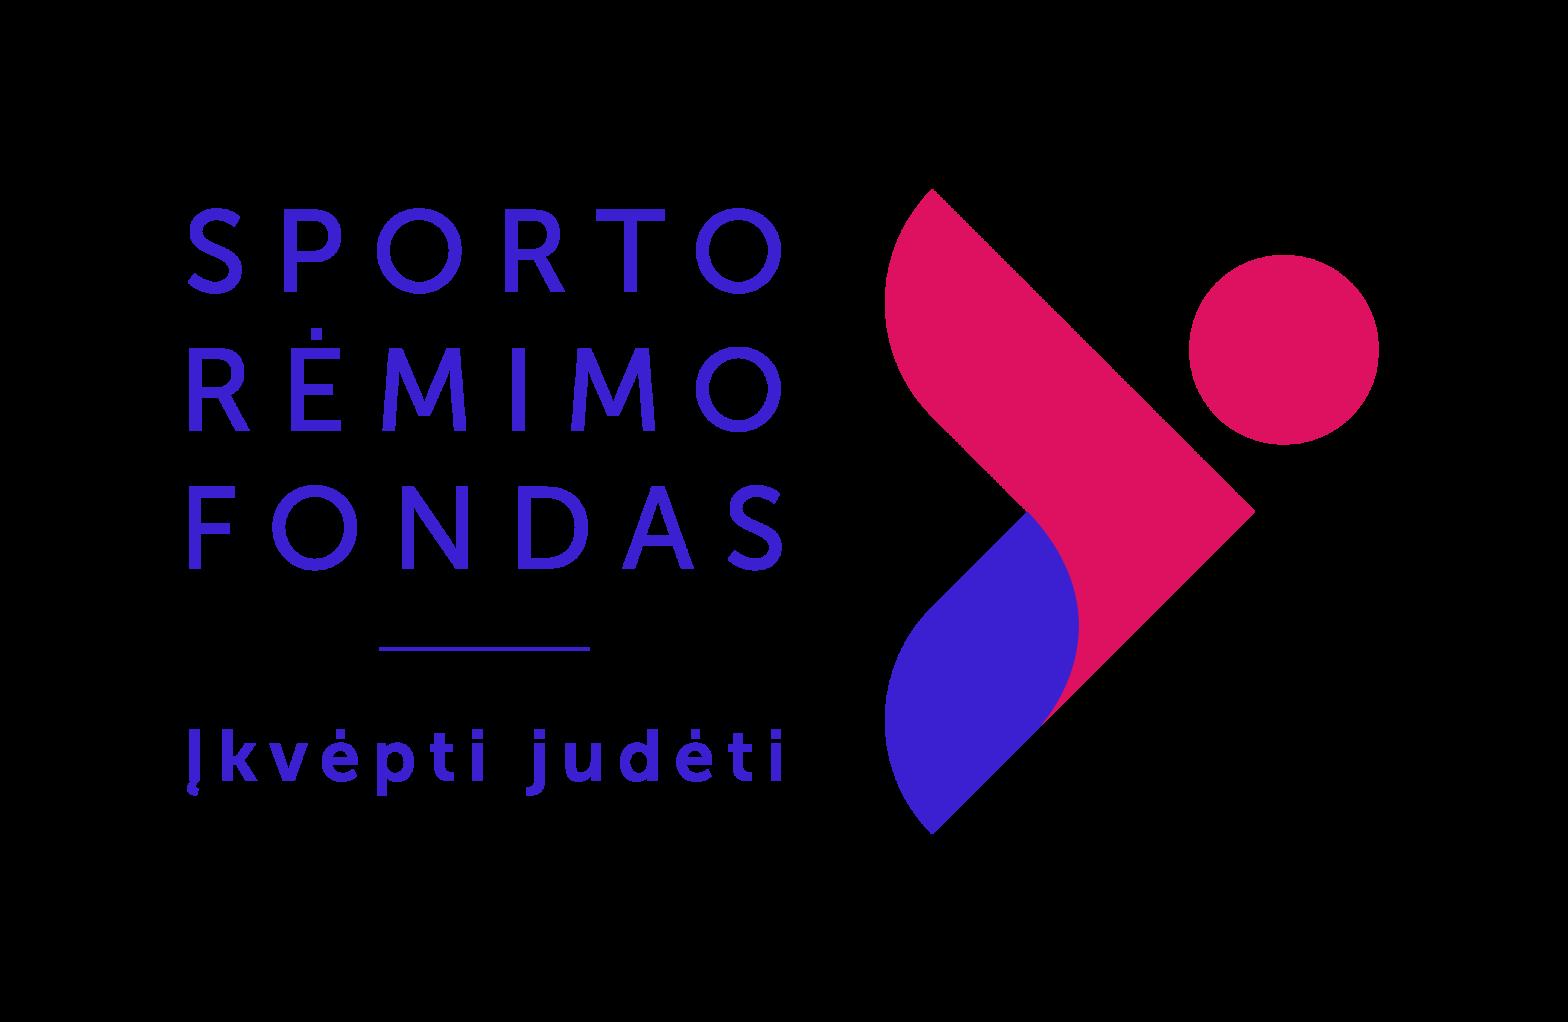 """""""Įkvėpti judėti"""" – naujas Sporto rėmimo fondo šūkis ir ženklas"""